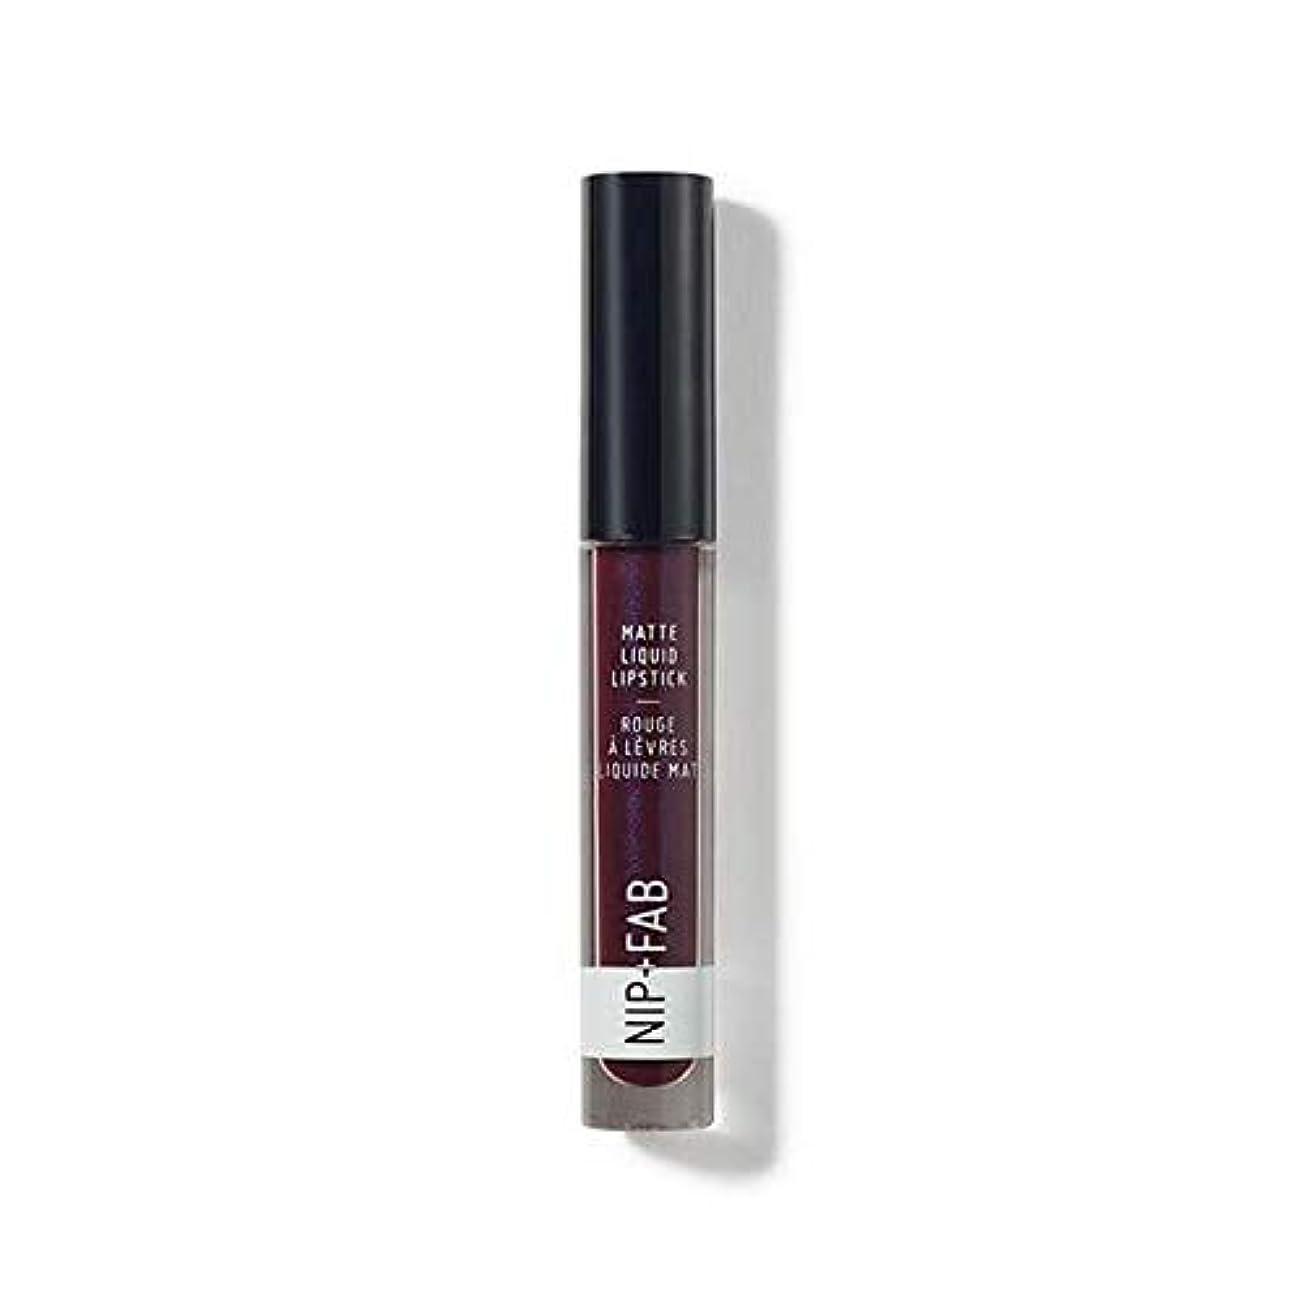 当社セラフ狂う[Nip & Fab ] + Fabマット液体口紅ブラックグレープ55ニップ - Nip+Fab Matte Liquid Lipstick Black Grape 55 [並行輸入品]